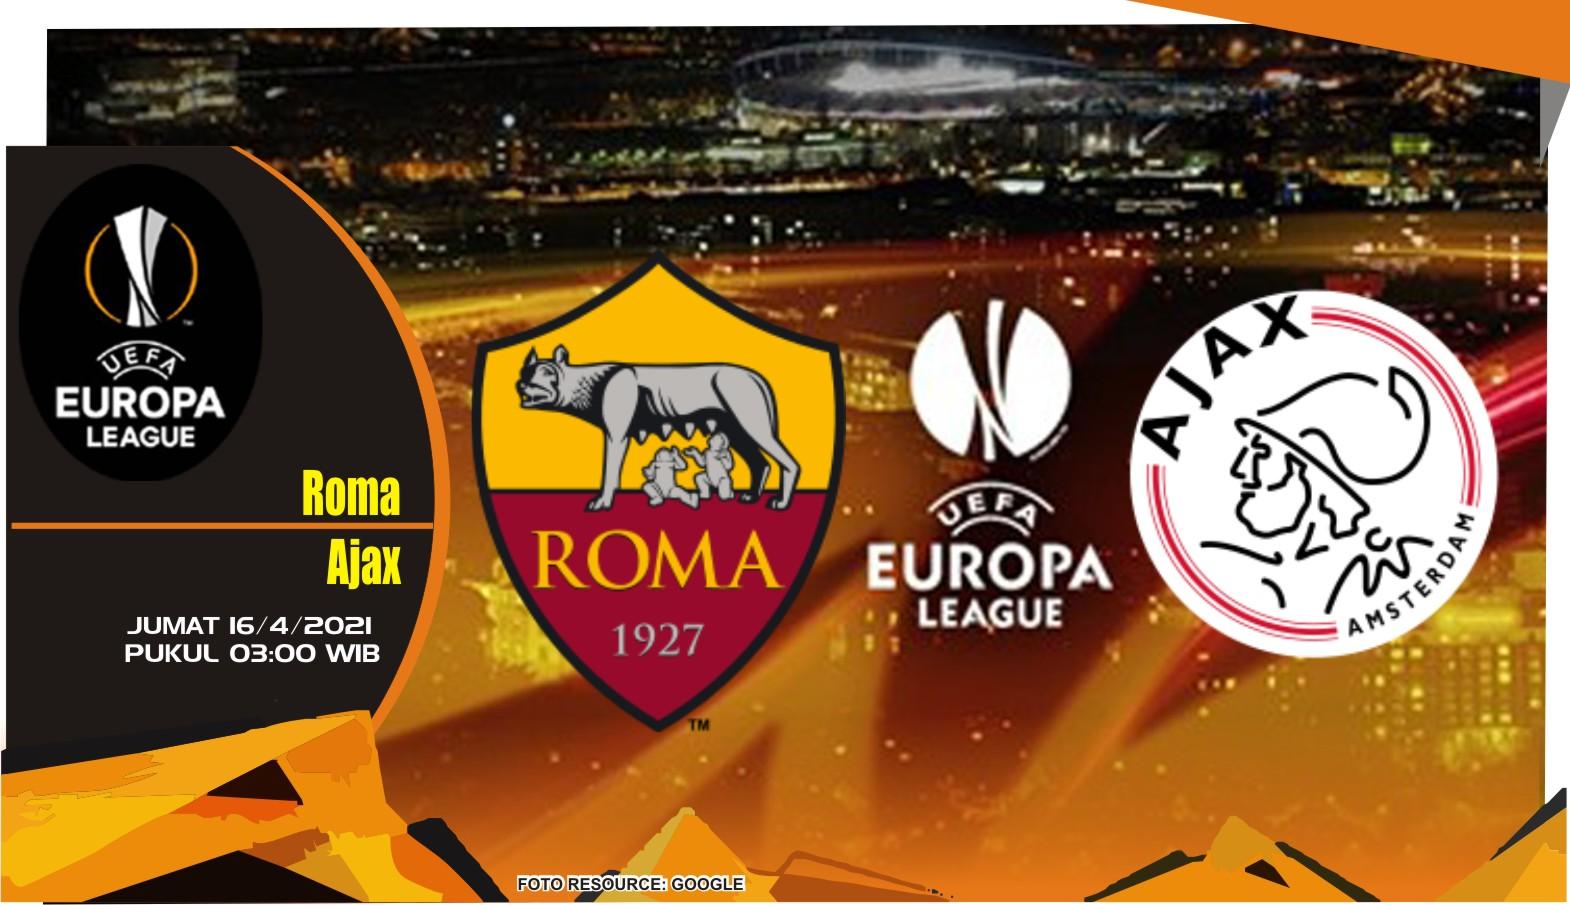 Roma vs Ajax - Prediksi Liga Europa 16 April 2021